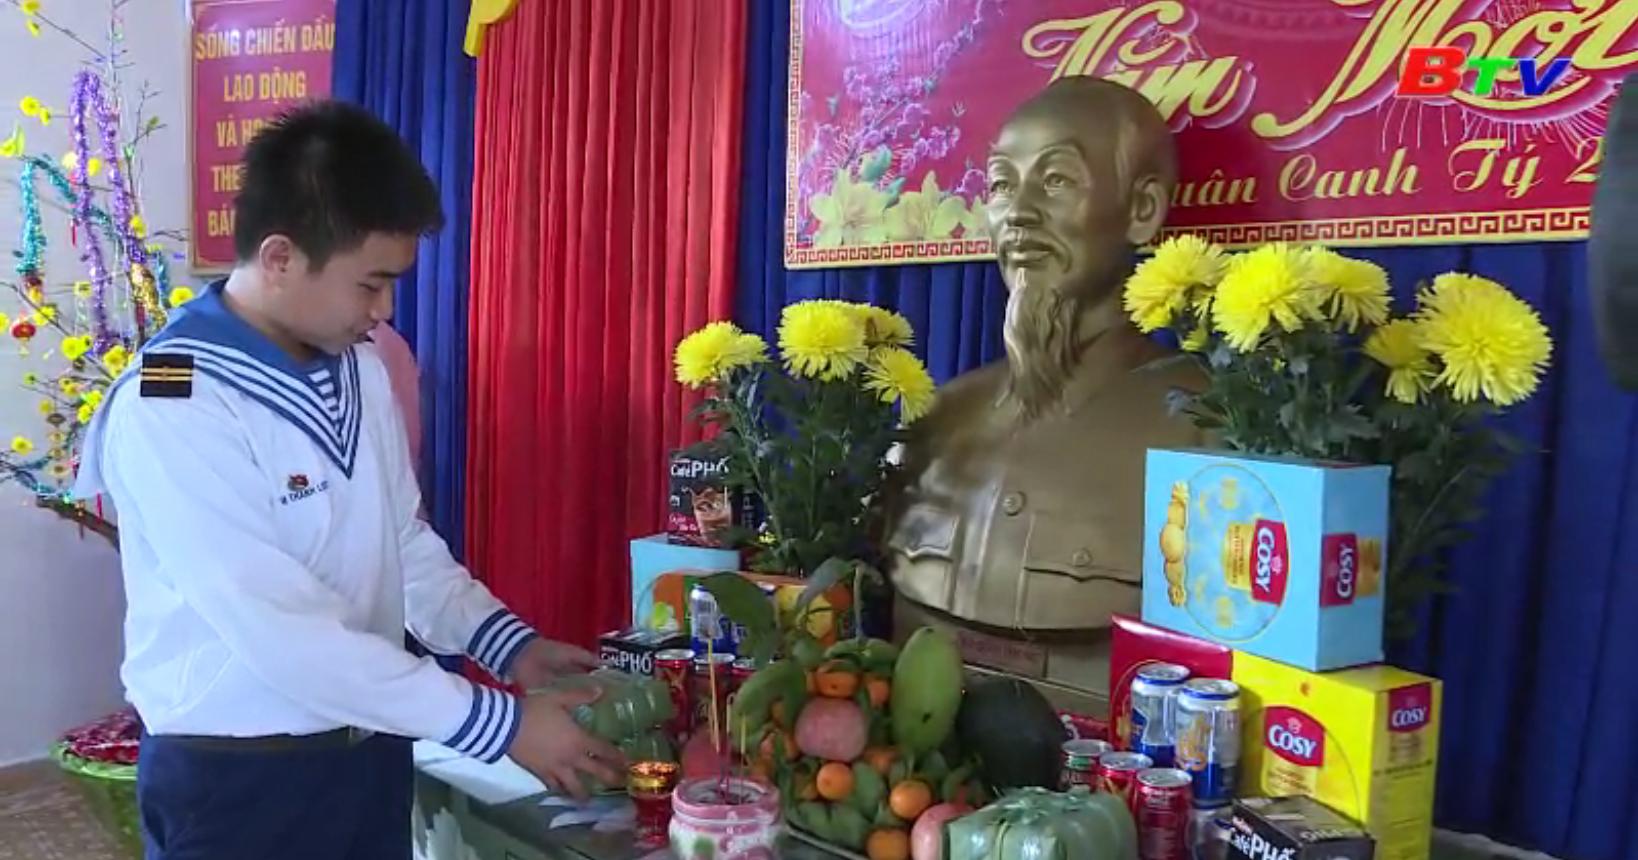 Chuyện Xuân, chuyện Tết cổ truyền ở vùng biển đảo Tây Nam Tổ quốc